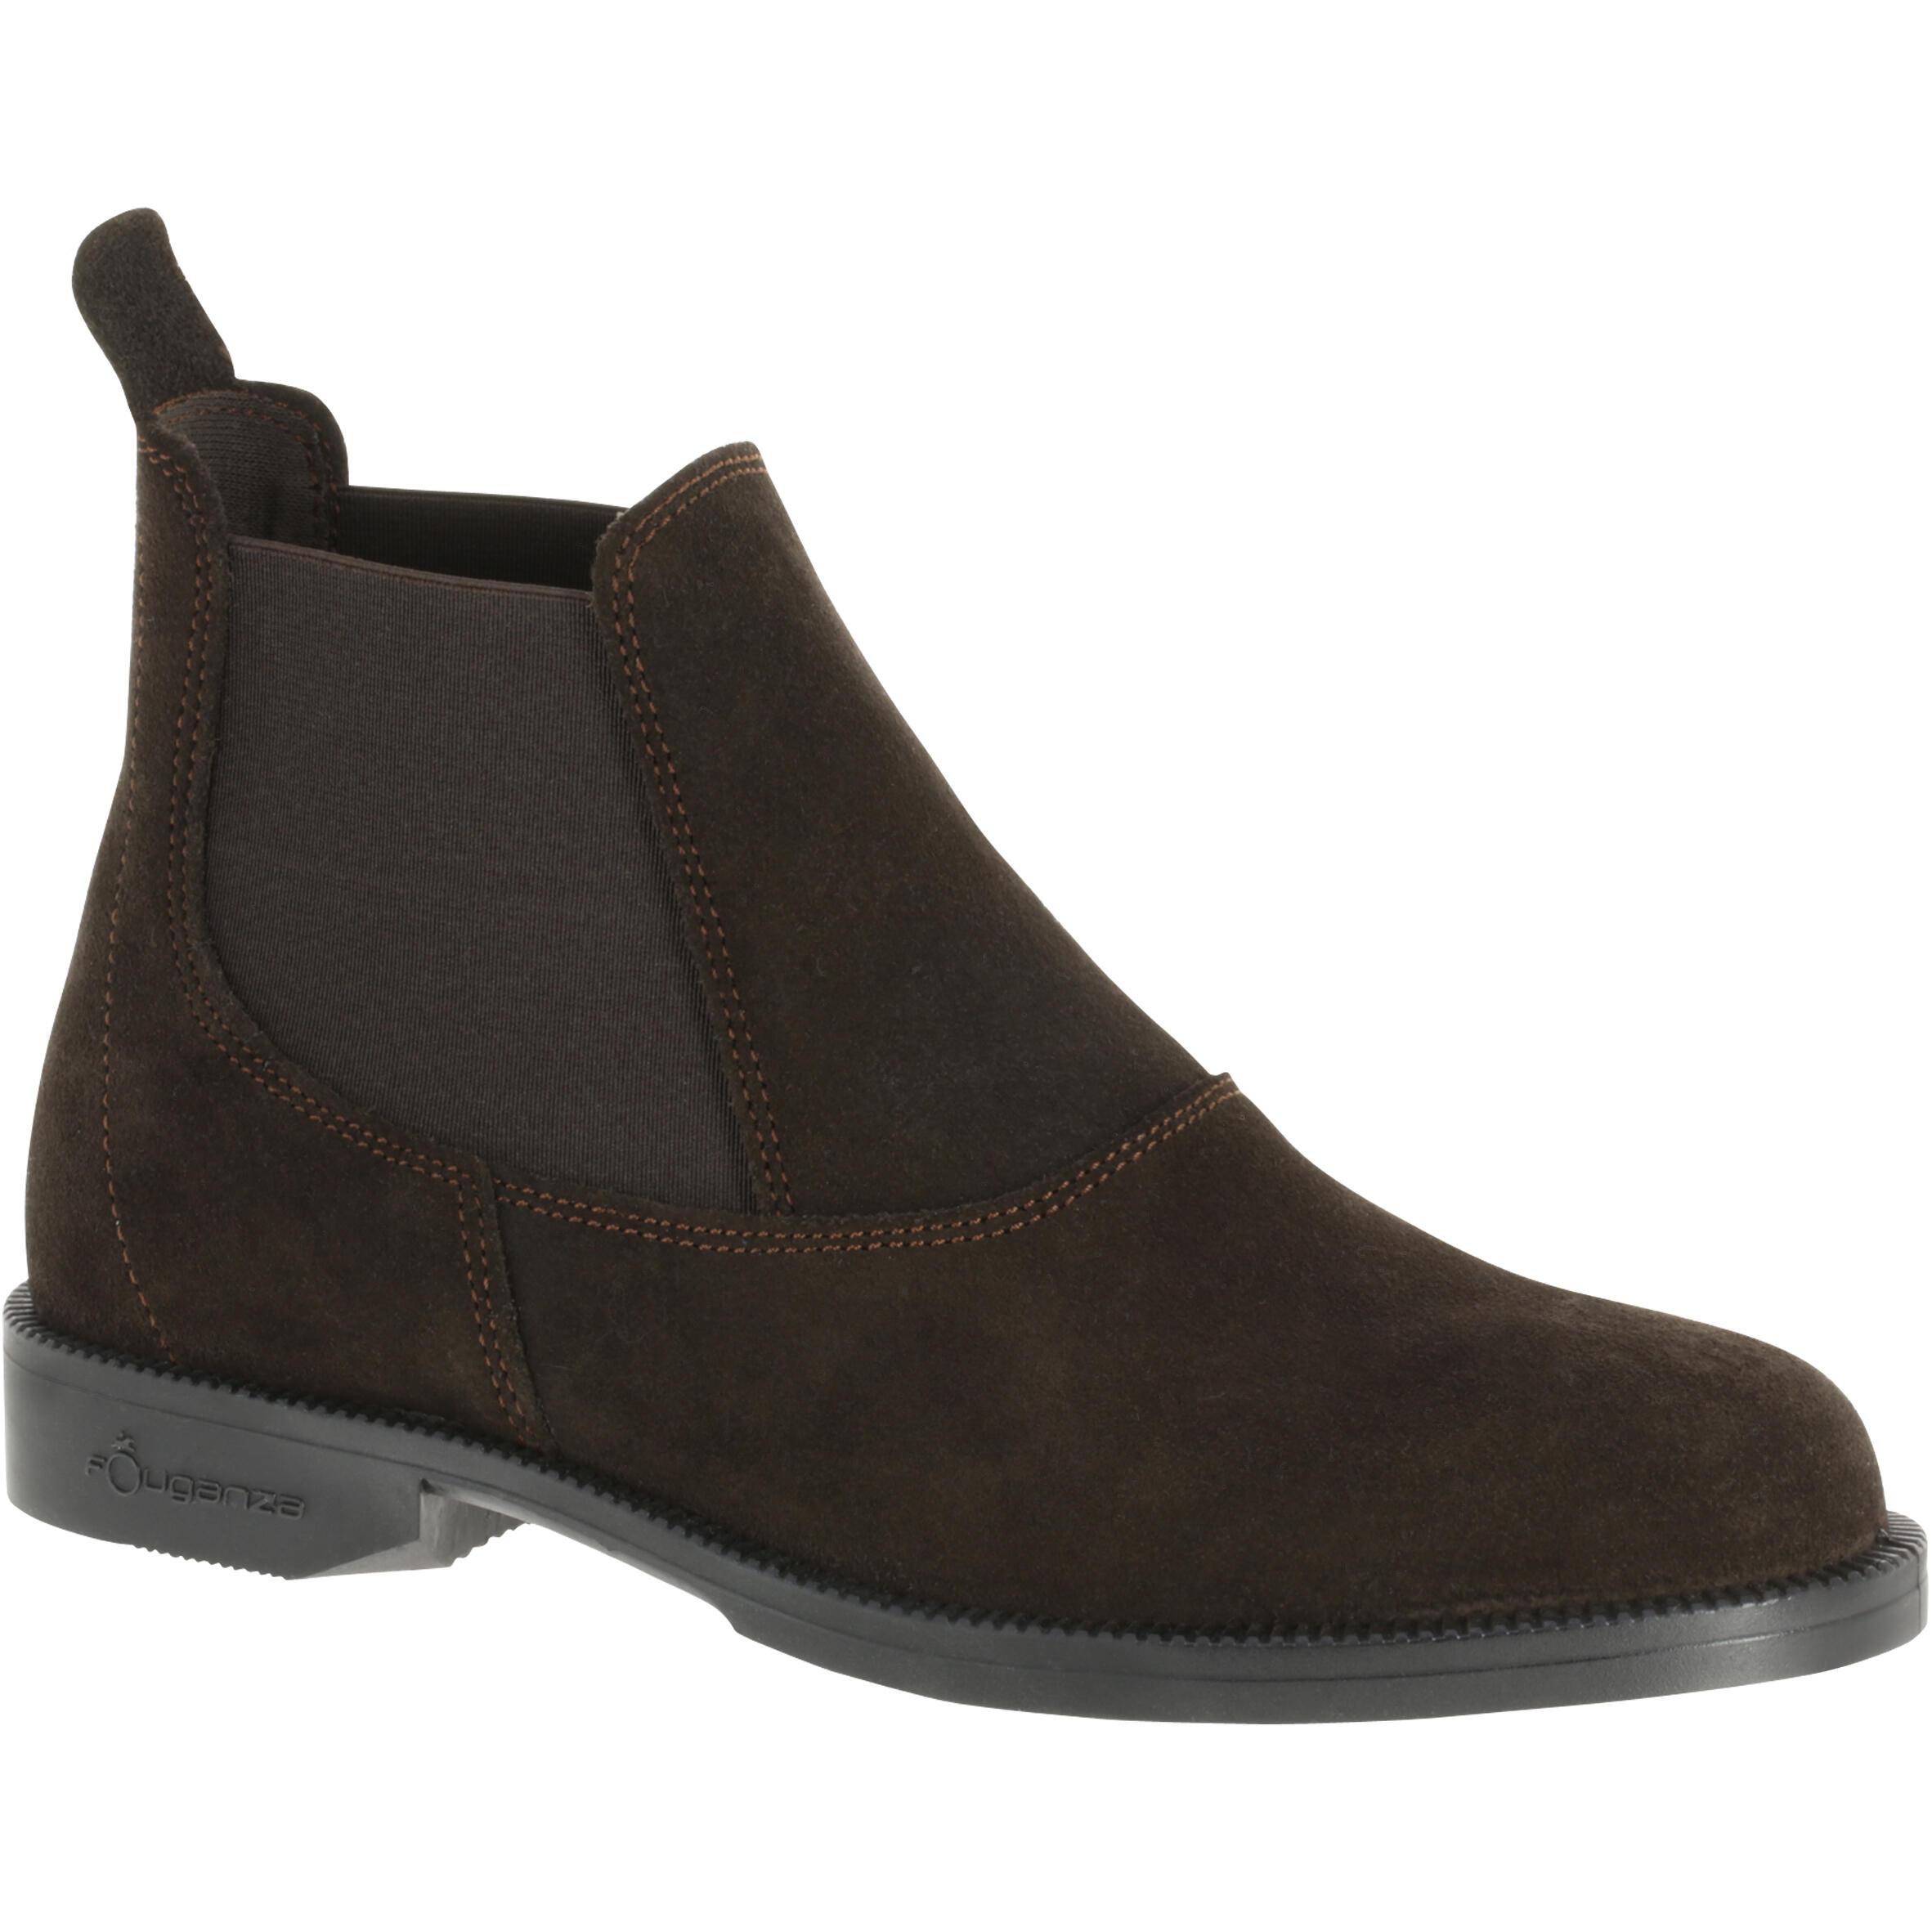 Reitstiefeletten Classic Erwachsene Leder braun | Schuhe > Sportschuhe > Reitstiefel | Braun | Fouganza